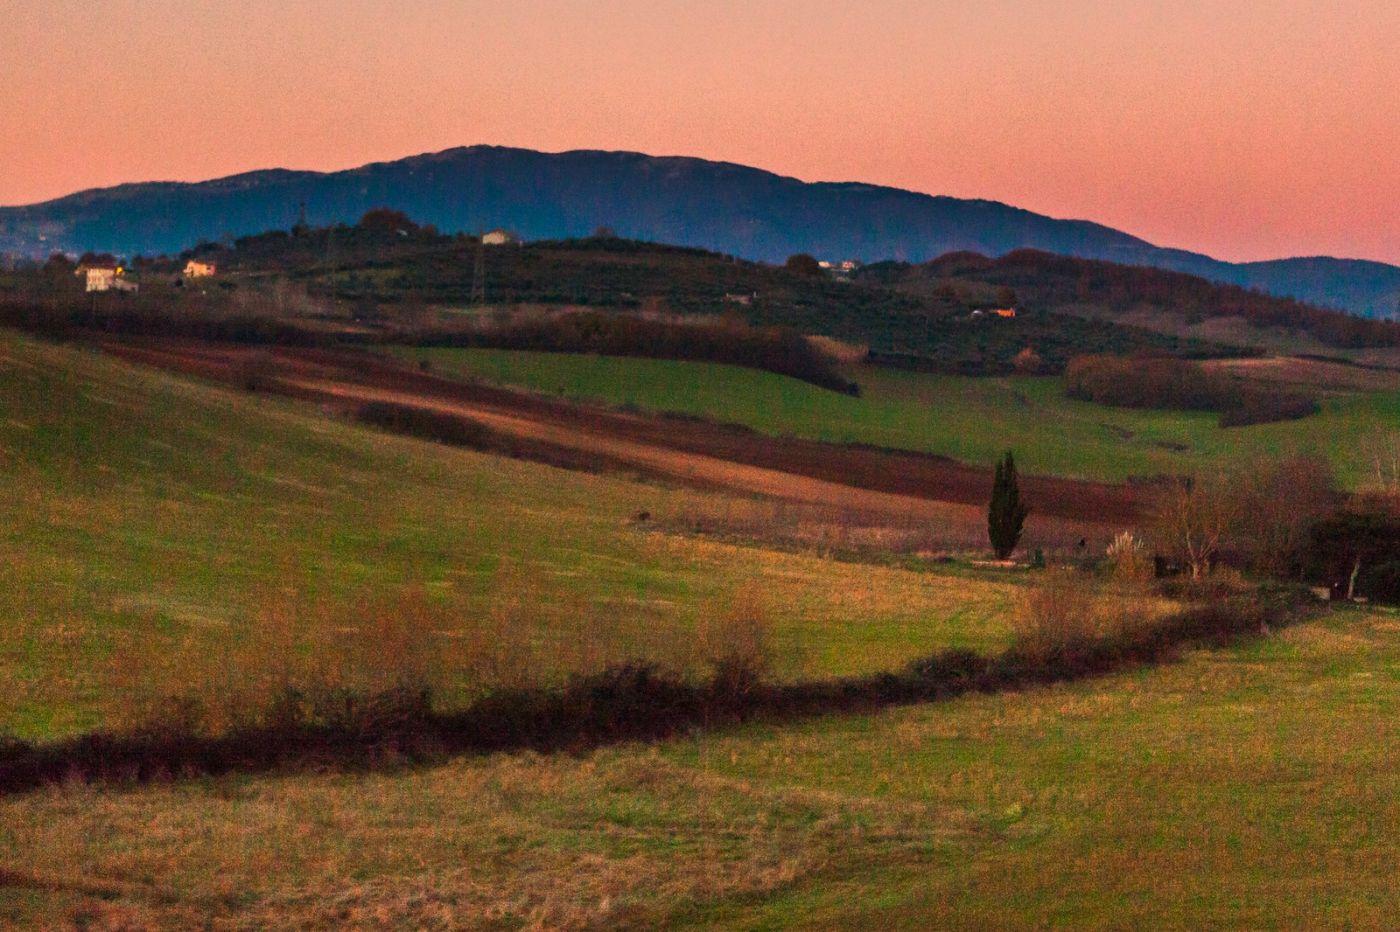 意大利路途,黄昏时的乡村_图1-9